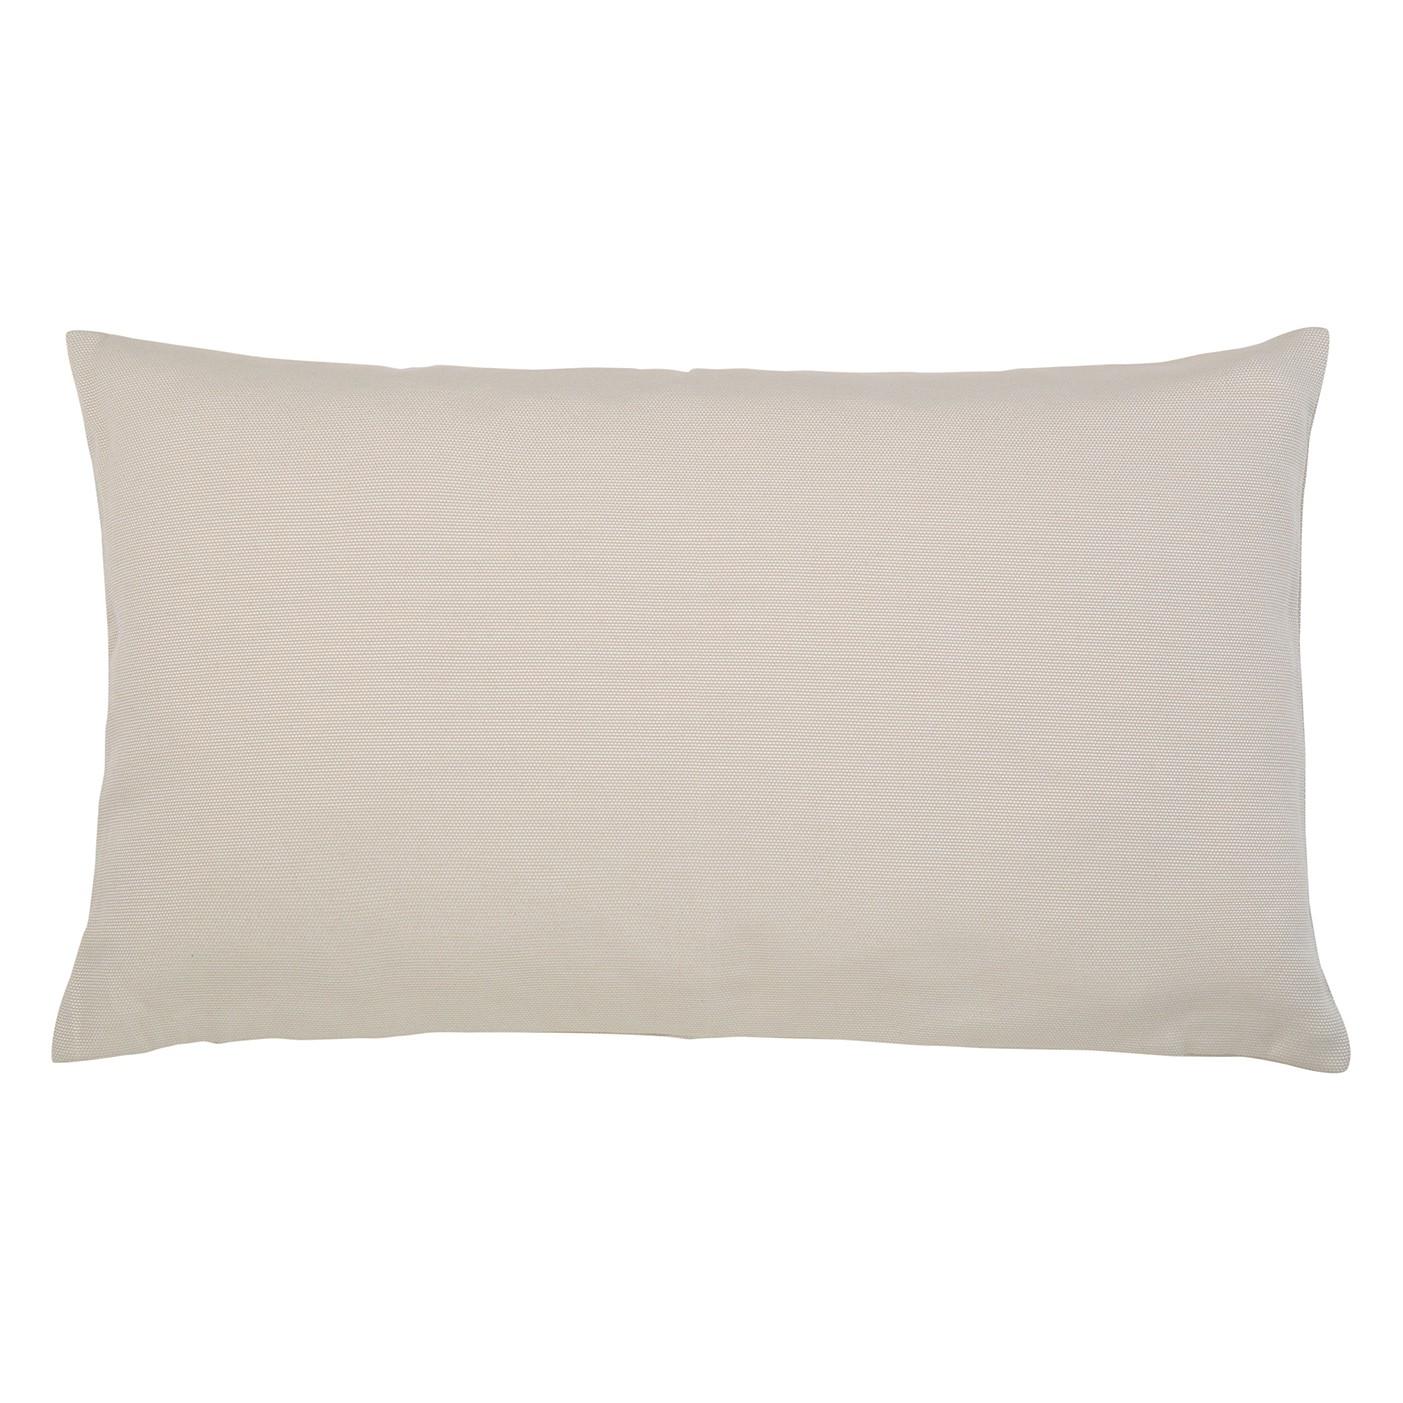 Kissen Juno - Baumwollmischgewebe - Beige - 30 x 50 cm